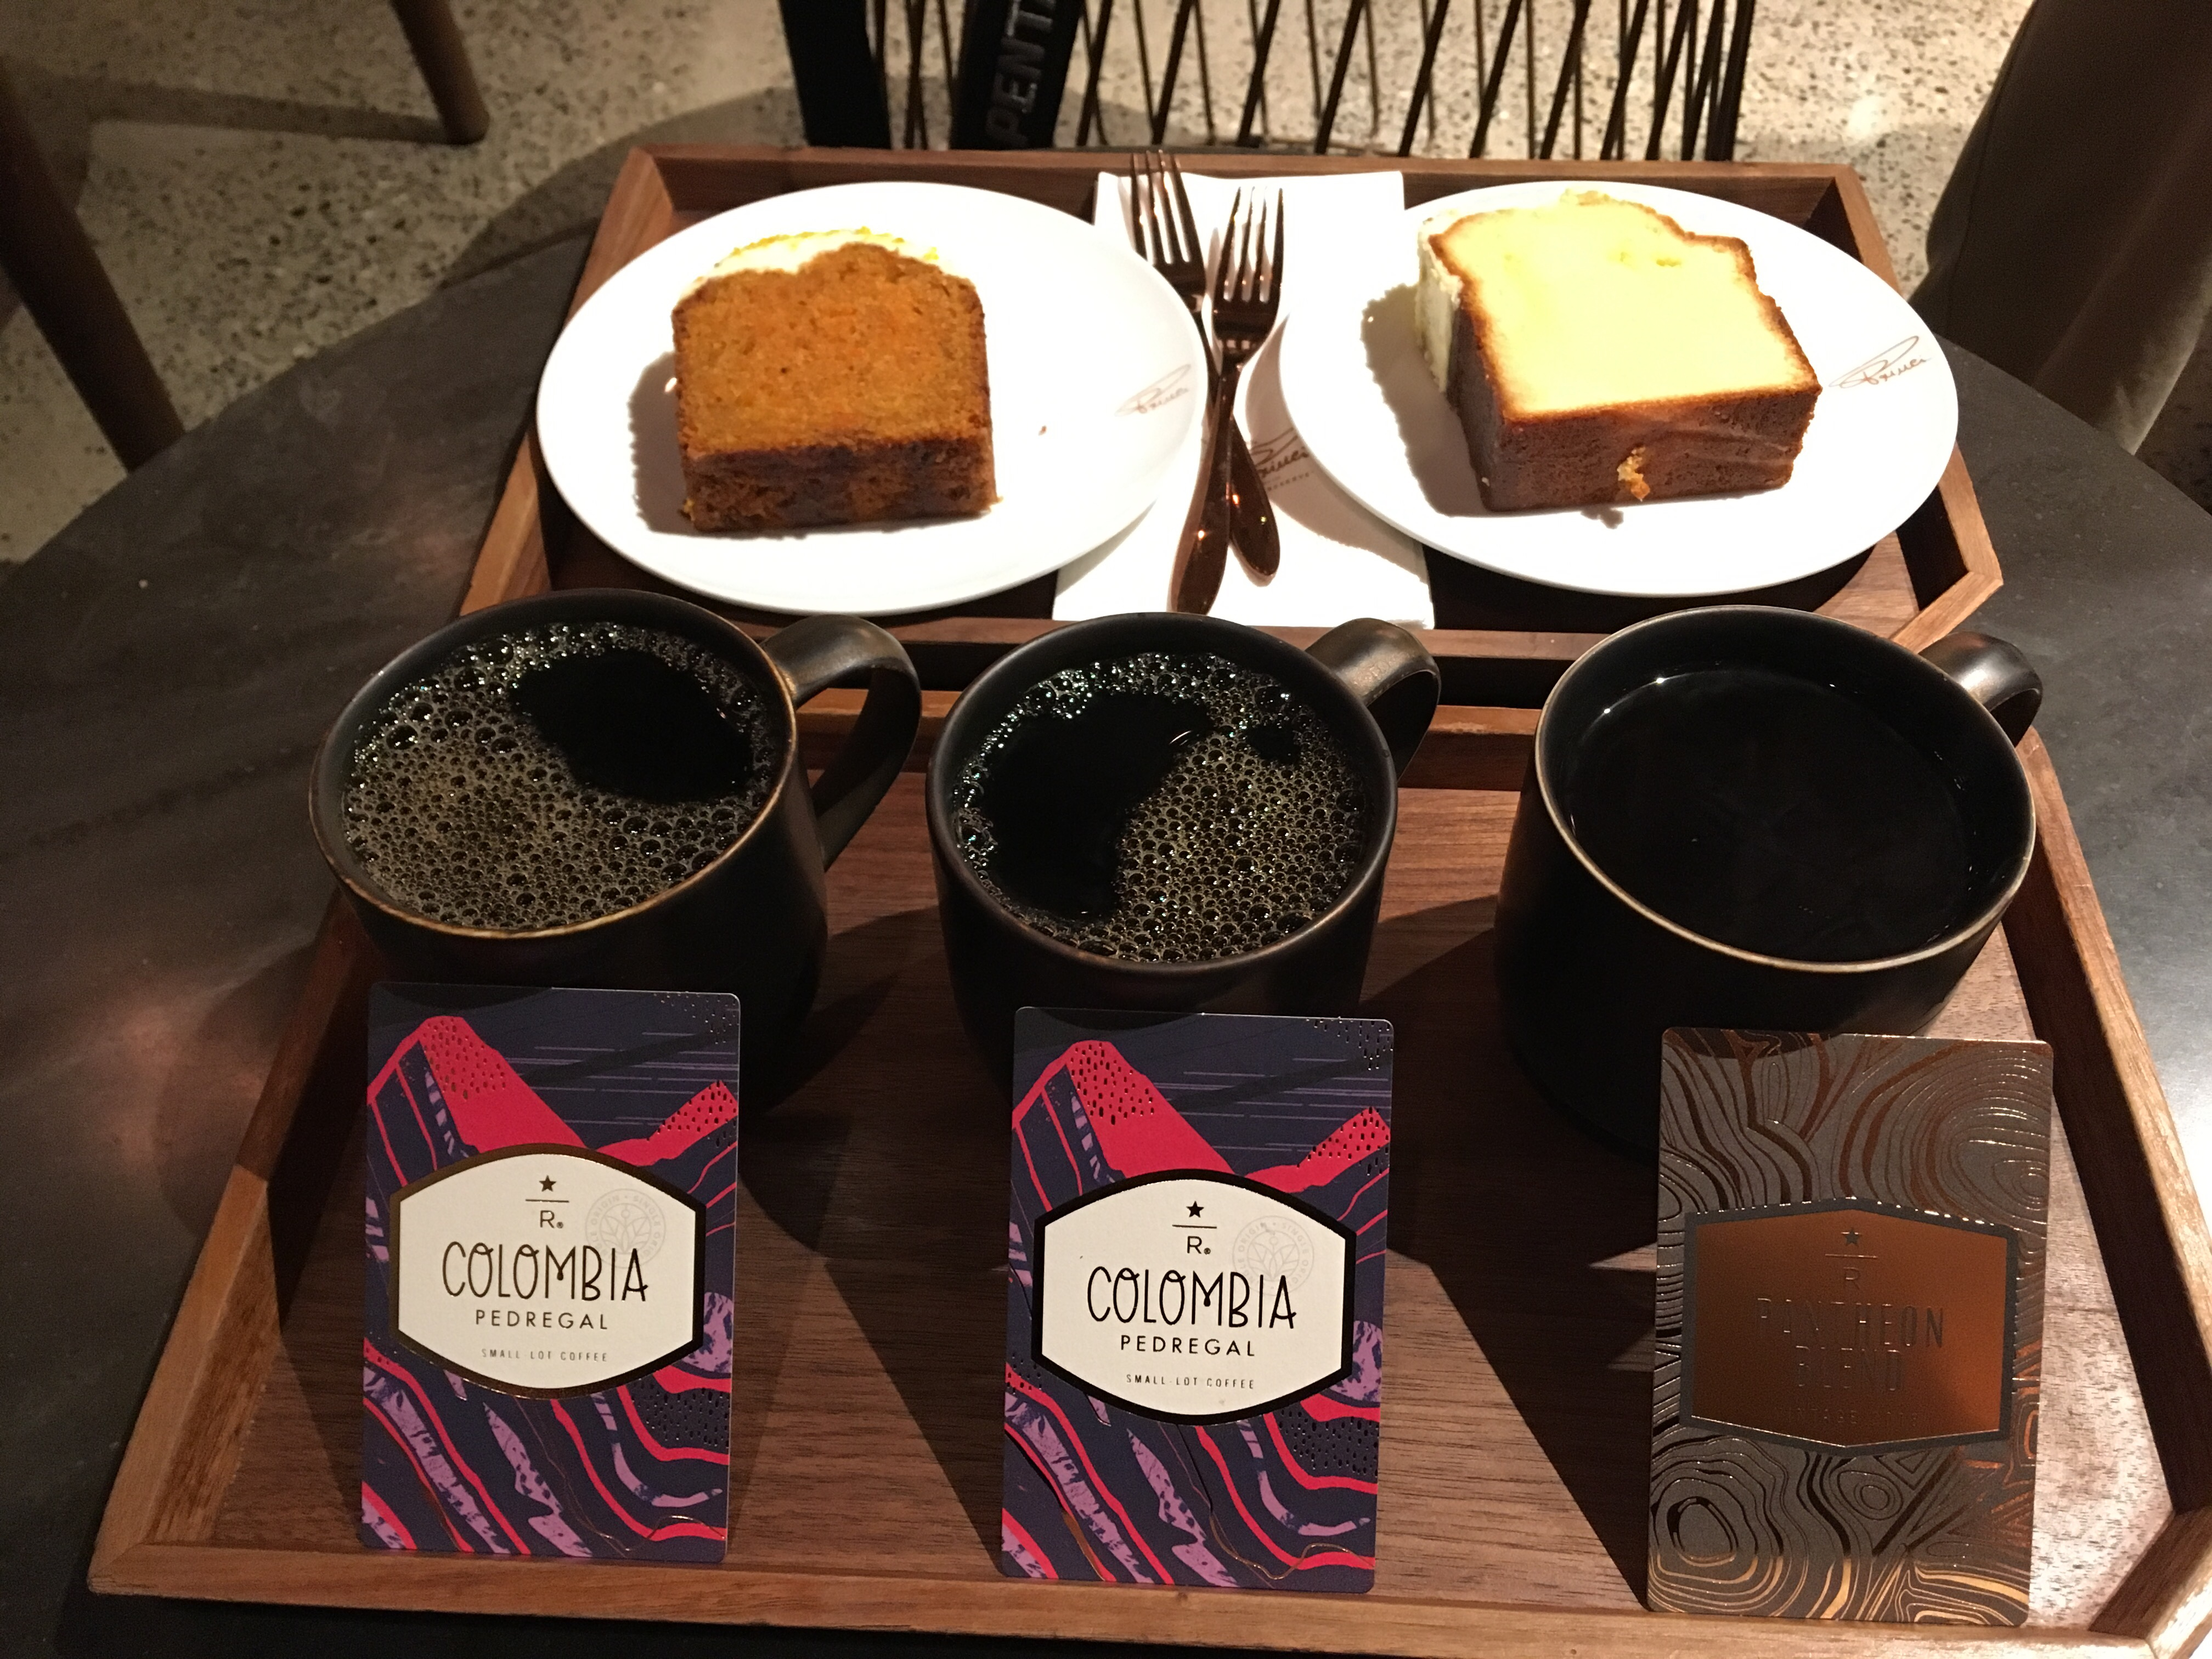 ケーキは左がキャロットケーキ、右がレモンのパウンドケーキ